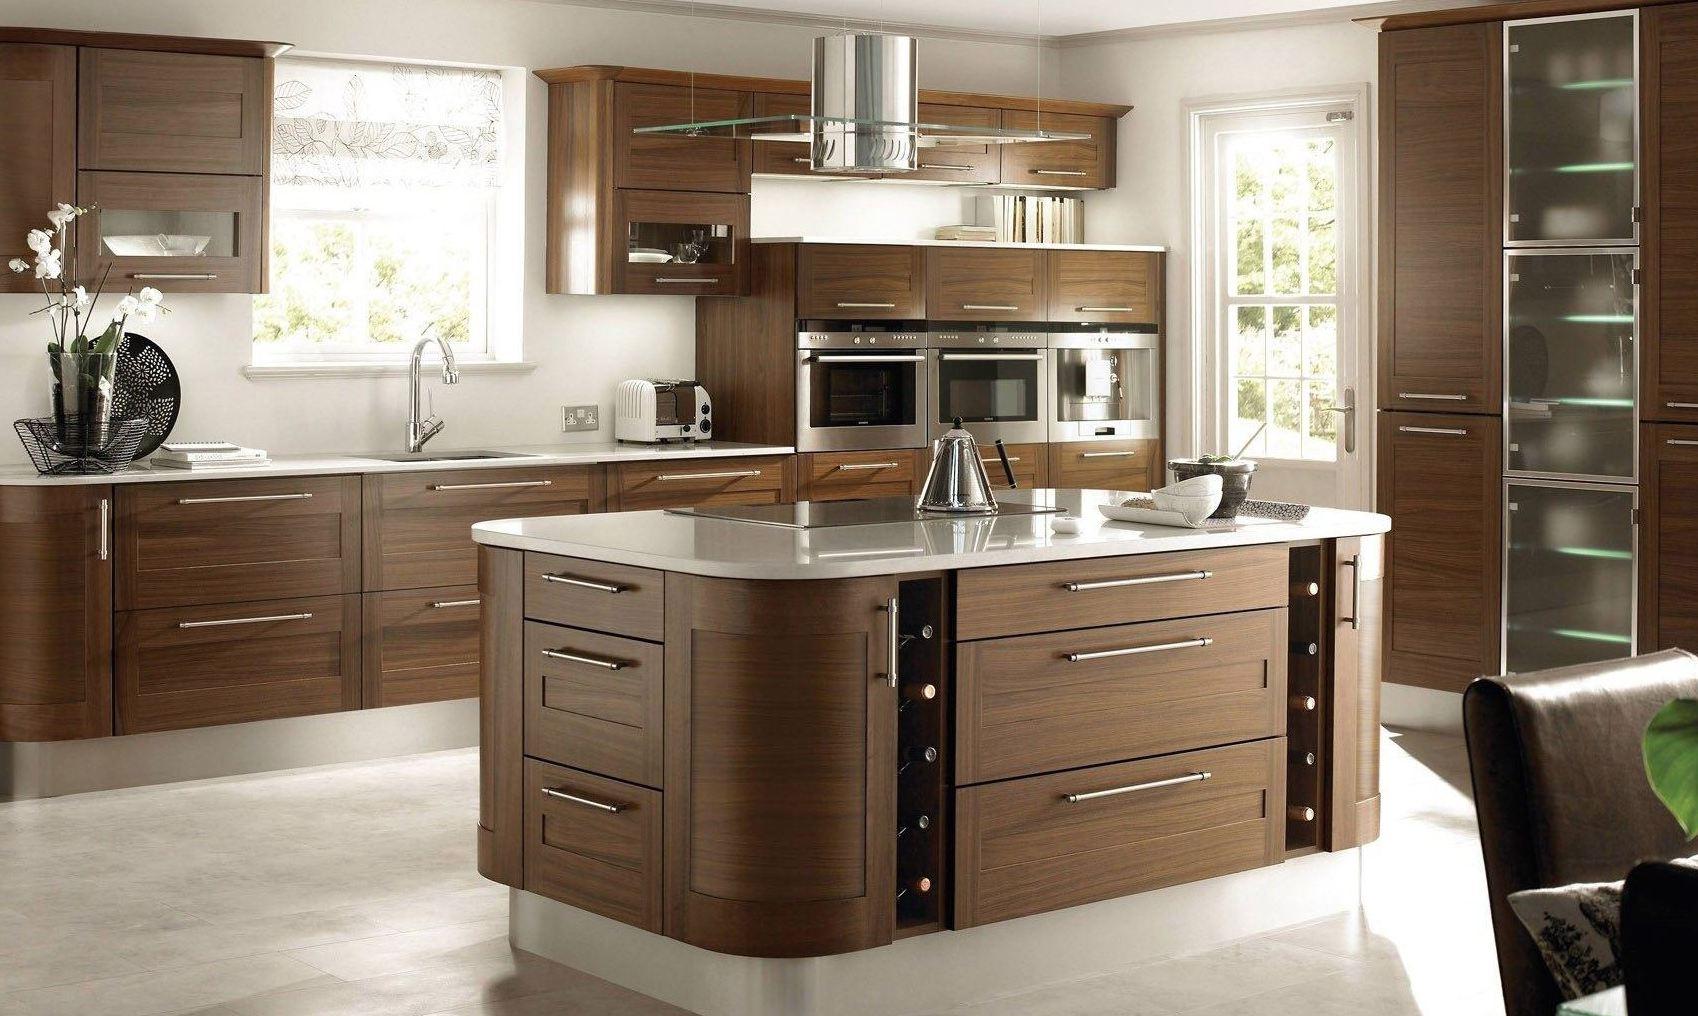 Modered Wooden Kitchen